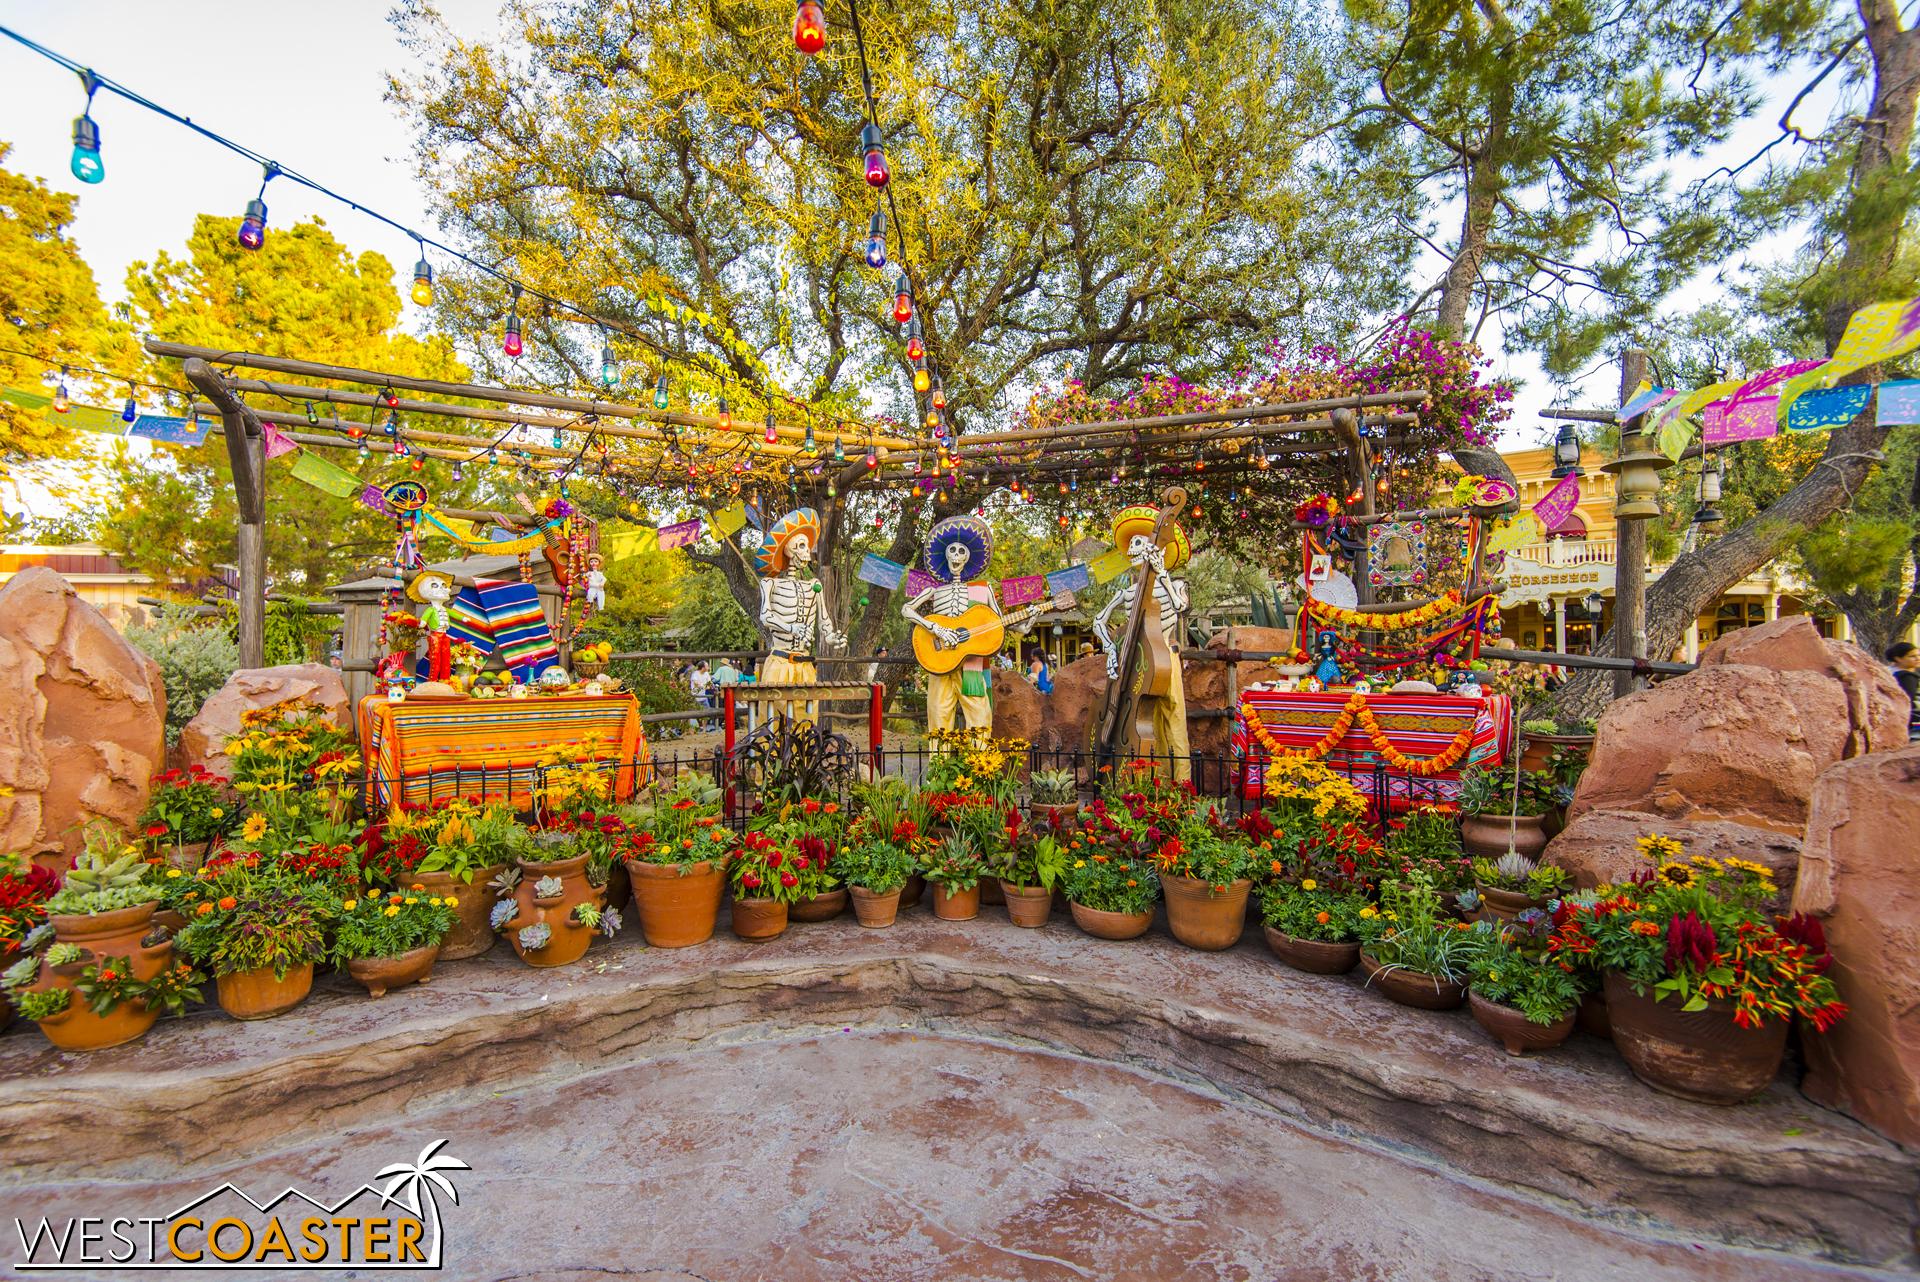 The Día de los Muertos display at Zocalo Park.